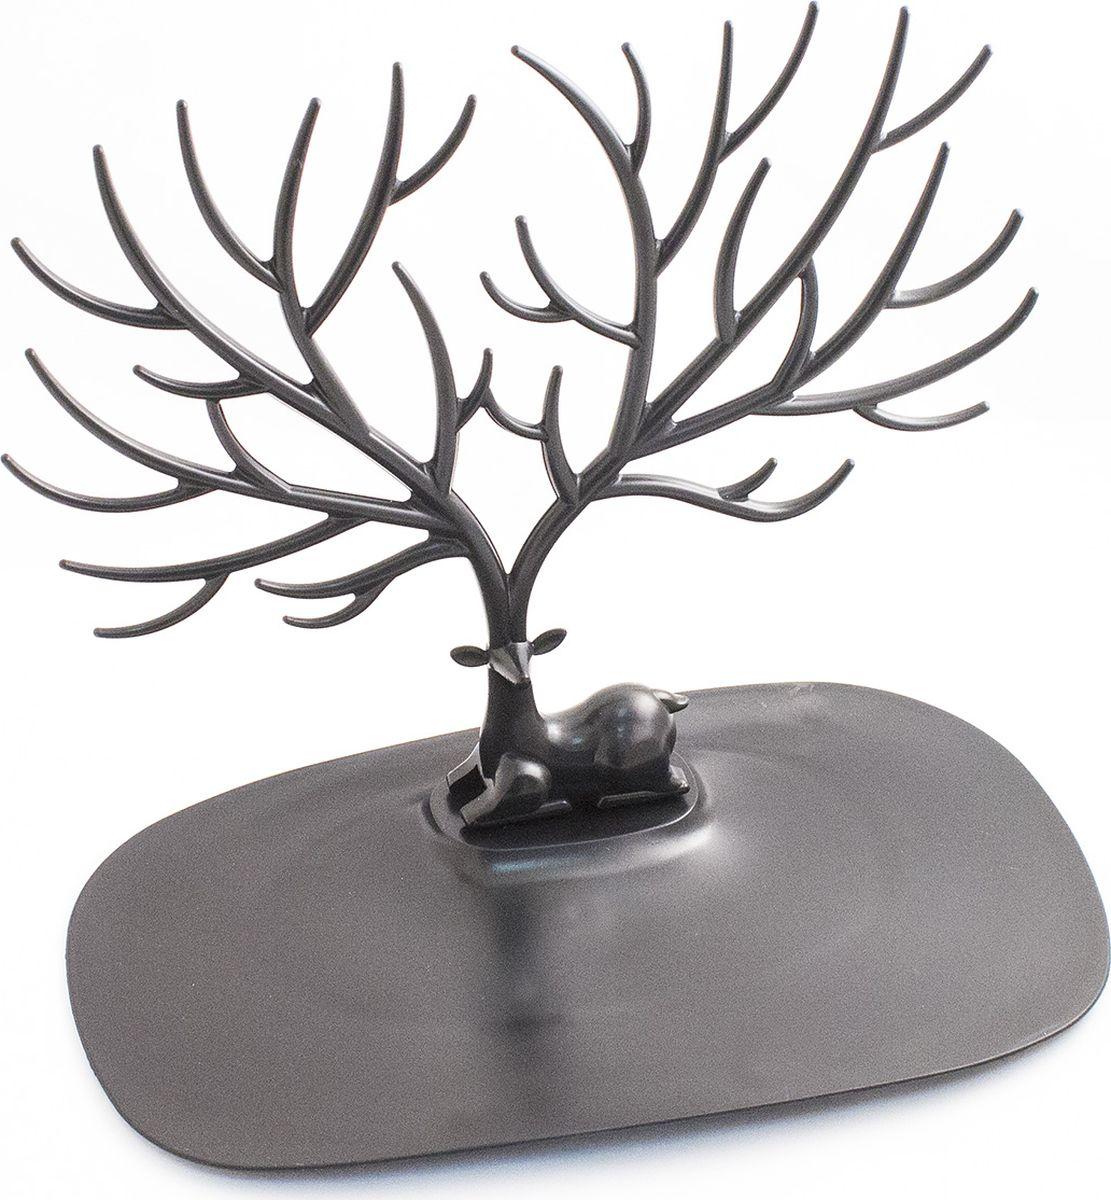 Кольцедержатель Эврика Олень. Малые рога, цвет: черный. 97549 archpole настенные рога с головой дорогой олень